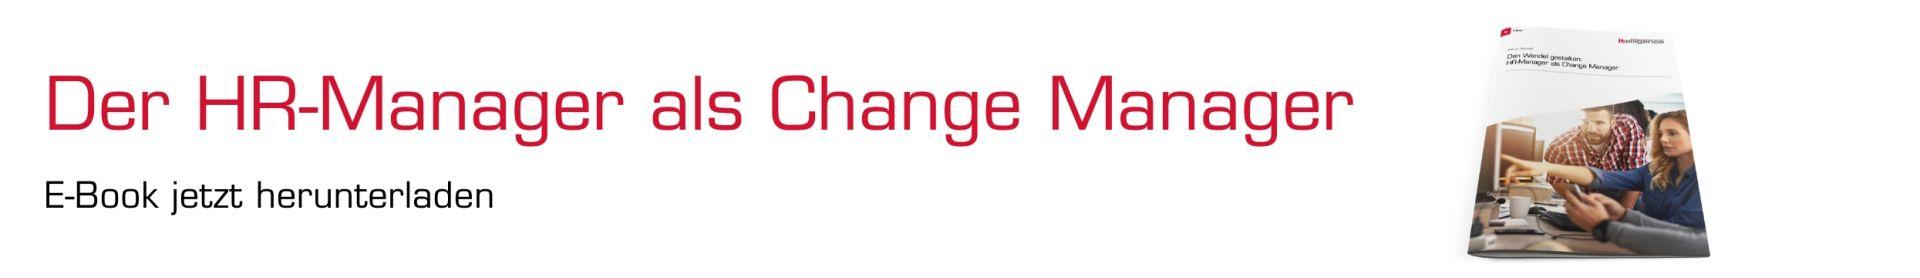 _E-Book Banner Change Management im HR | Der HR-Manager als Change Manager| Human Experience Management